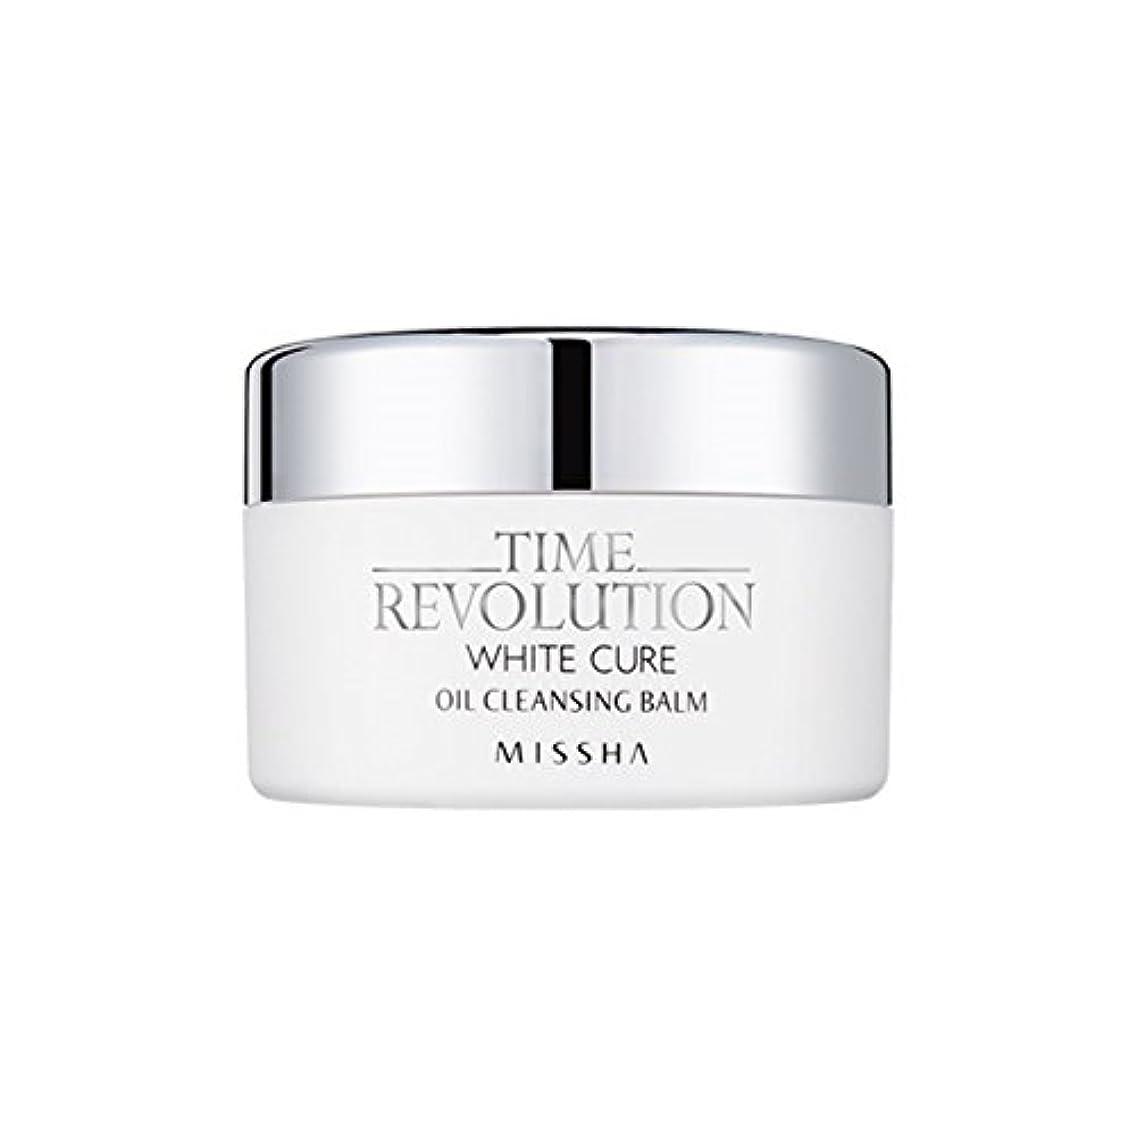 もっと少なくディスカウント流星[New] MISSHA Time Revolution White Cure Oil Cleansing Balm 105g/ミシャ タイムレボリューション ホワイト キュア オイル クレンジング バーム 105g